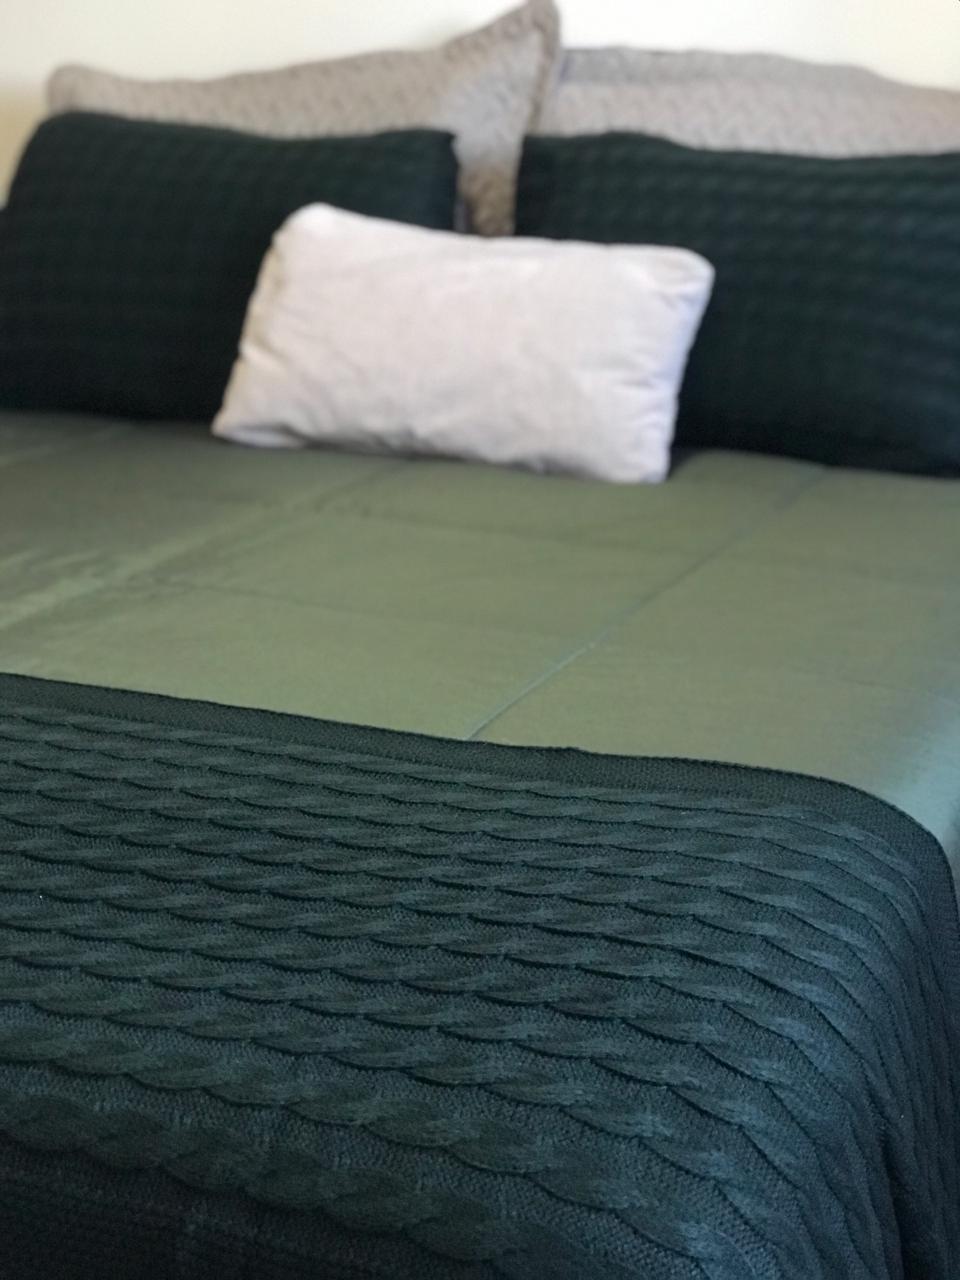 Peseira Tricot Clássico Verde Musgo Q 2,30x60 Paloma Home